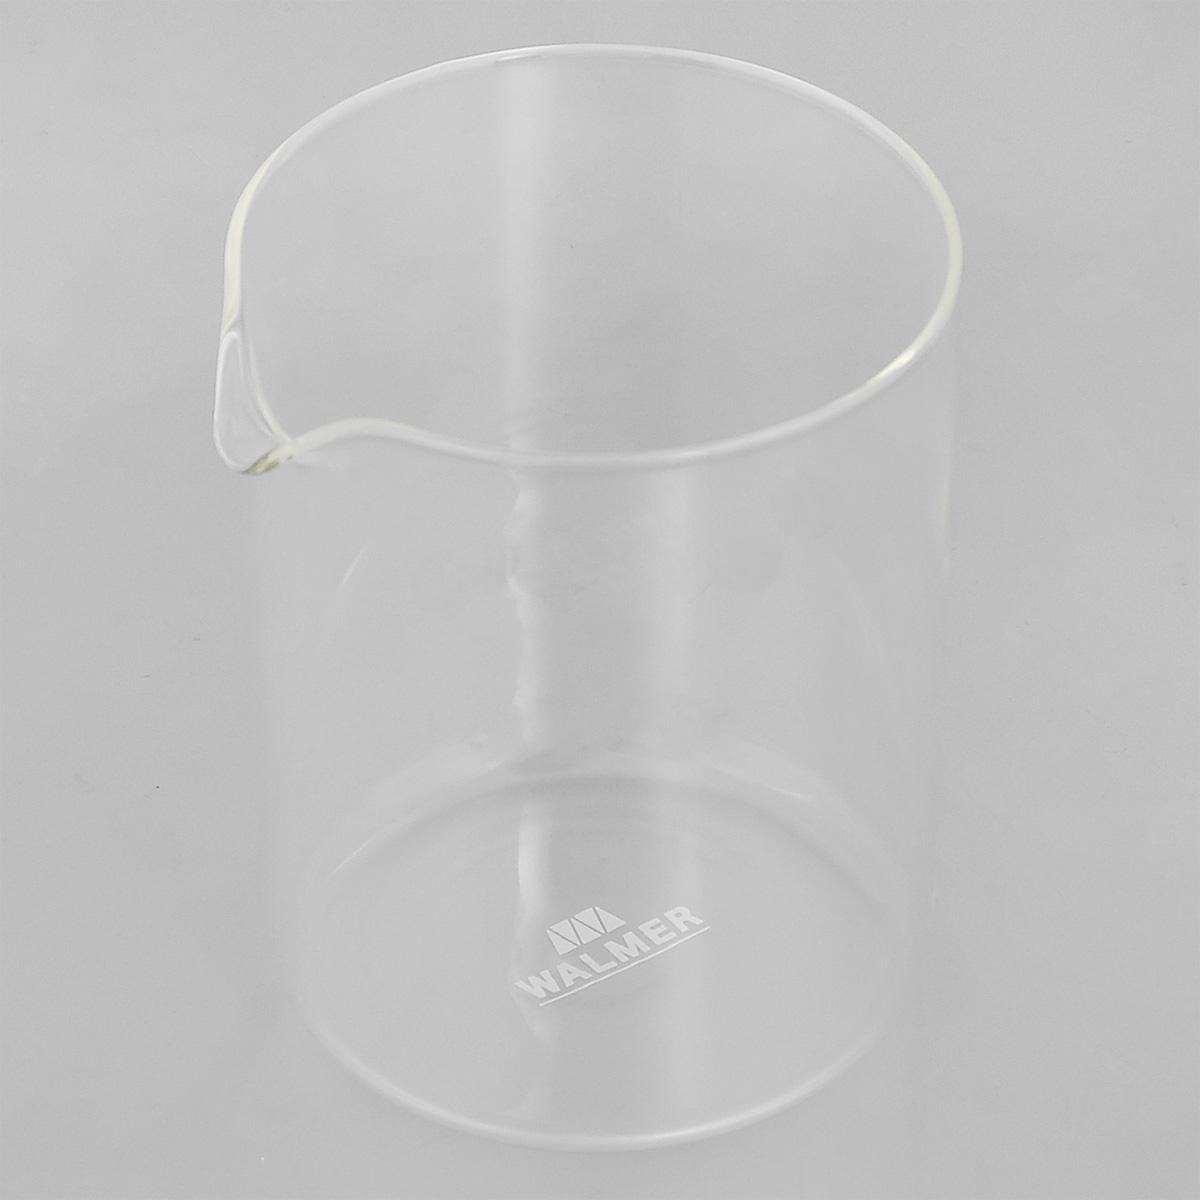 Колба для кофейников Walmer, 500 млW0400105Колба Walmer, изготовленная из высококачественного прозрачного стекла, предназначена для кофейников и френч-прессов. Изделие прекрасно подойдет для замены старой разбитой колбы. Это сосуд, который напрямую контактирует с напитком, поэтому он должен быть выполнен из качественных материалов. Изделие выдерживает высокие температуры и не мутнеет при многократном мытье. Данная колба прослужит вам надежно и долго. Можно мыть в посудомоечной машине. Диаметр: 9,5 см. Высота: 12,5 см. Объем: 500 мл.